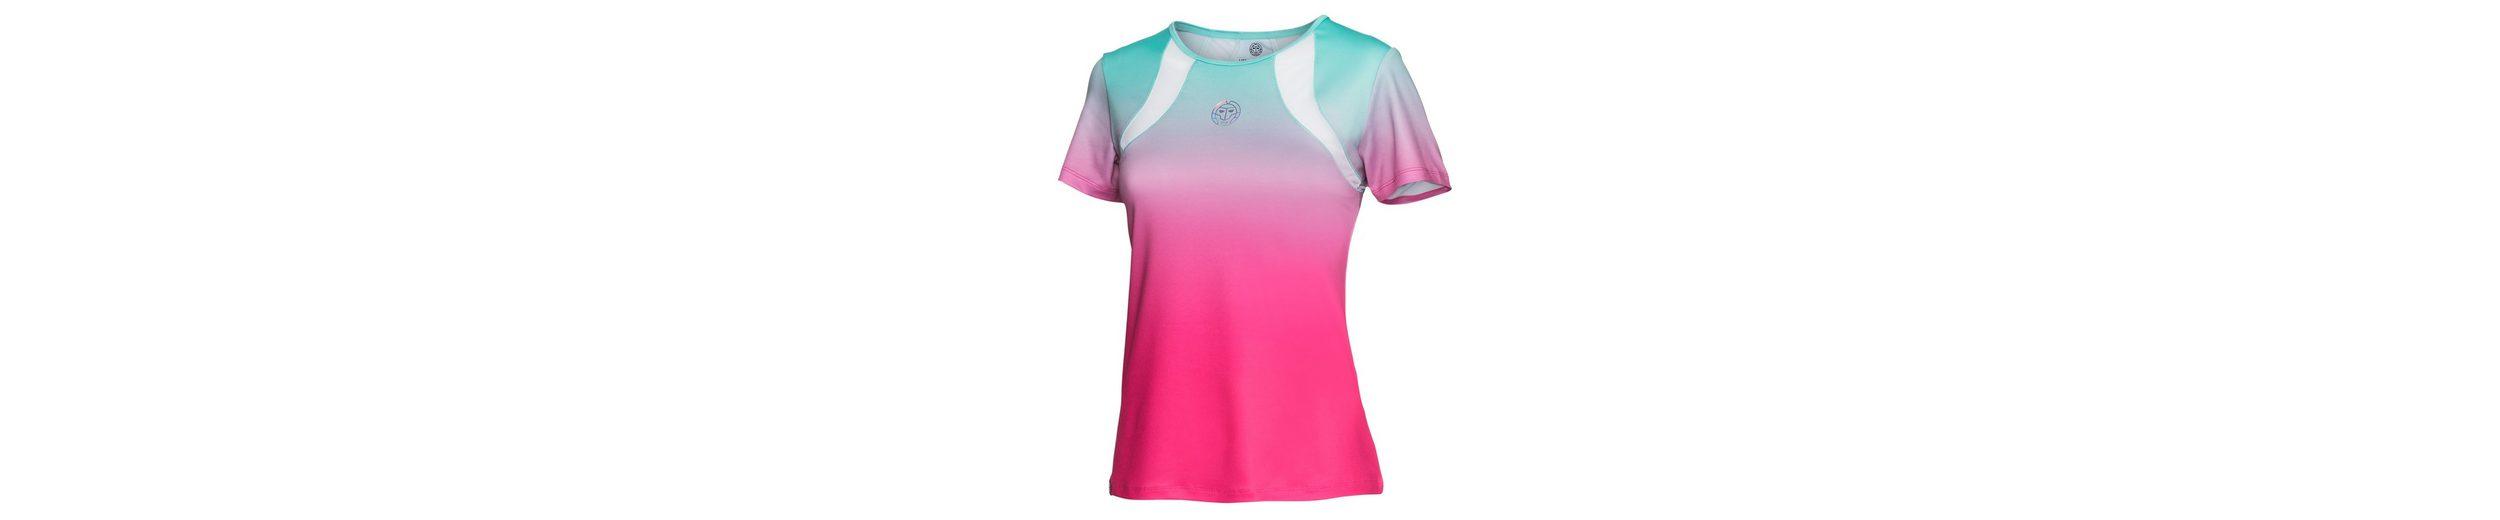 Bester Shop Zum Kauf BIDI BADU T-Shirt Lina Qualität Frei Versandstelle Steckdose Mit Master Verkauf Offizielle Seite Gutes Angebot 2olSqhuPud